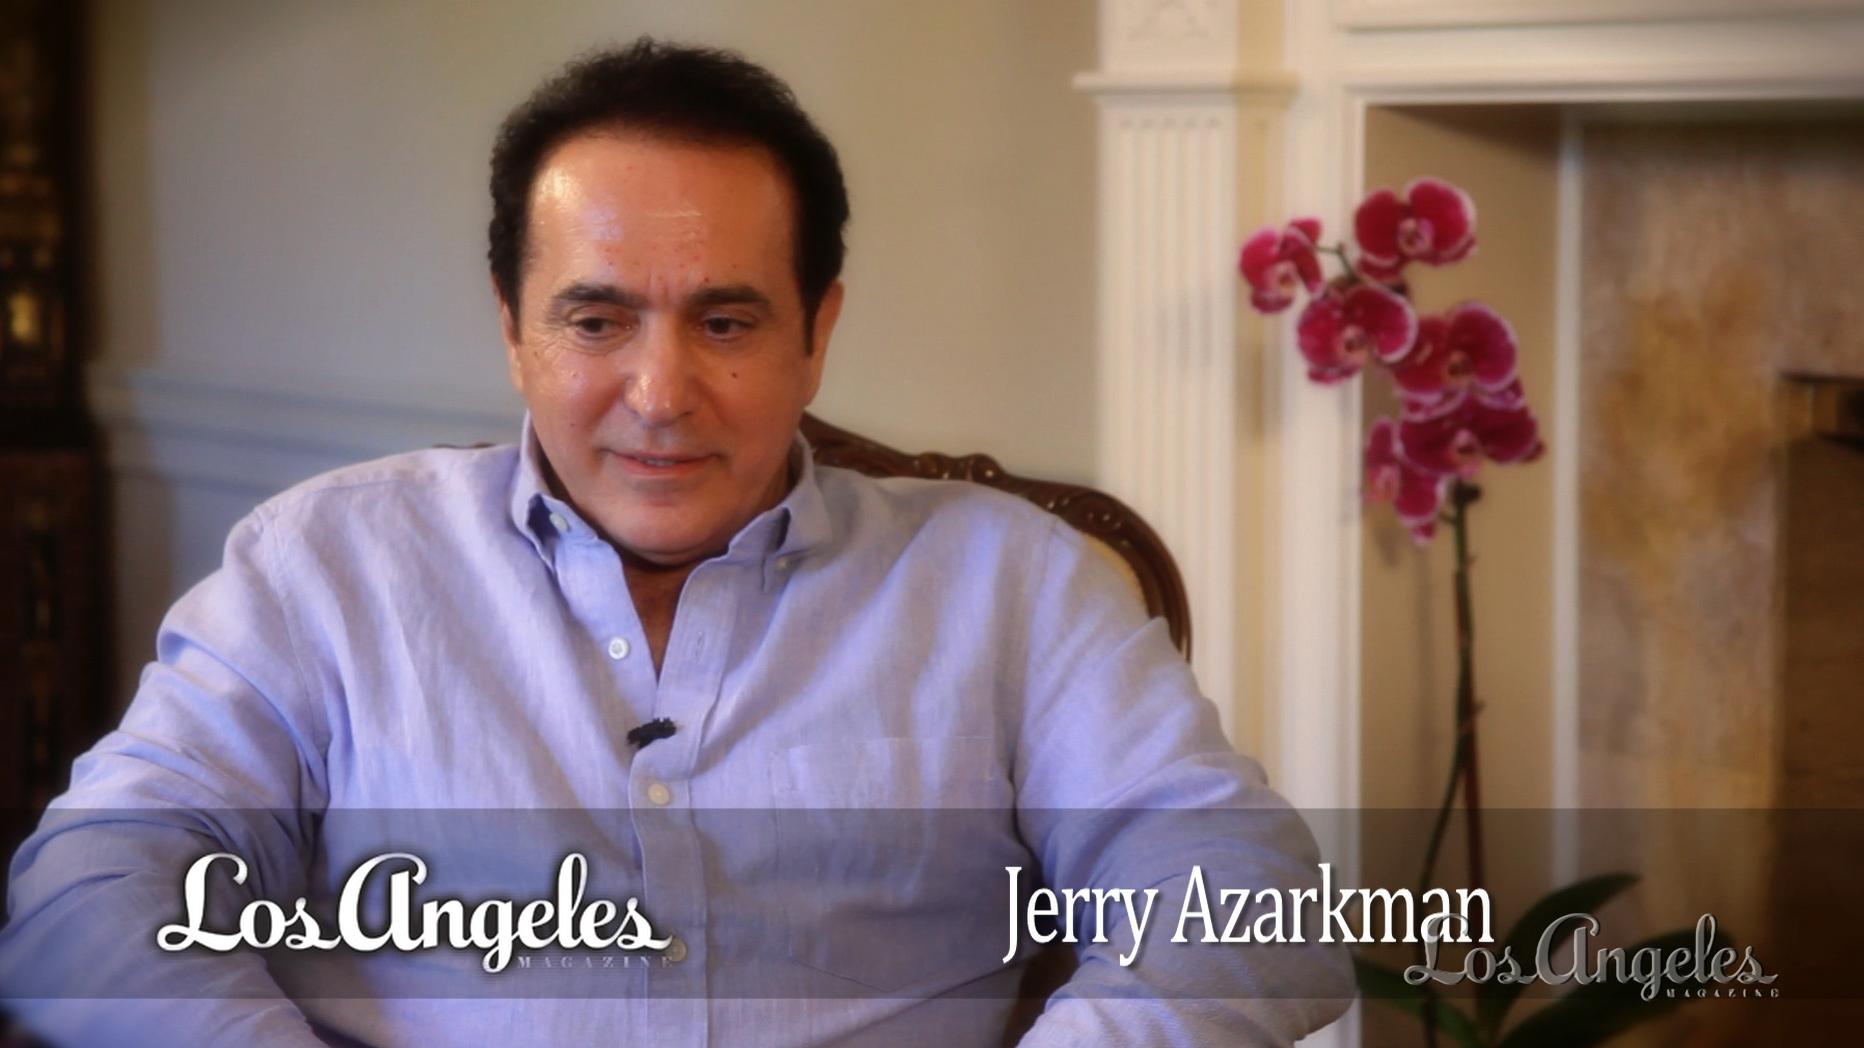 Jerry Azarkman